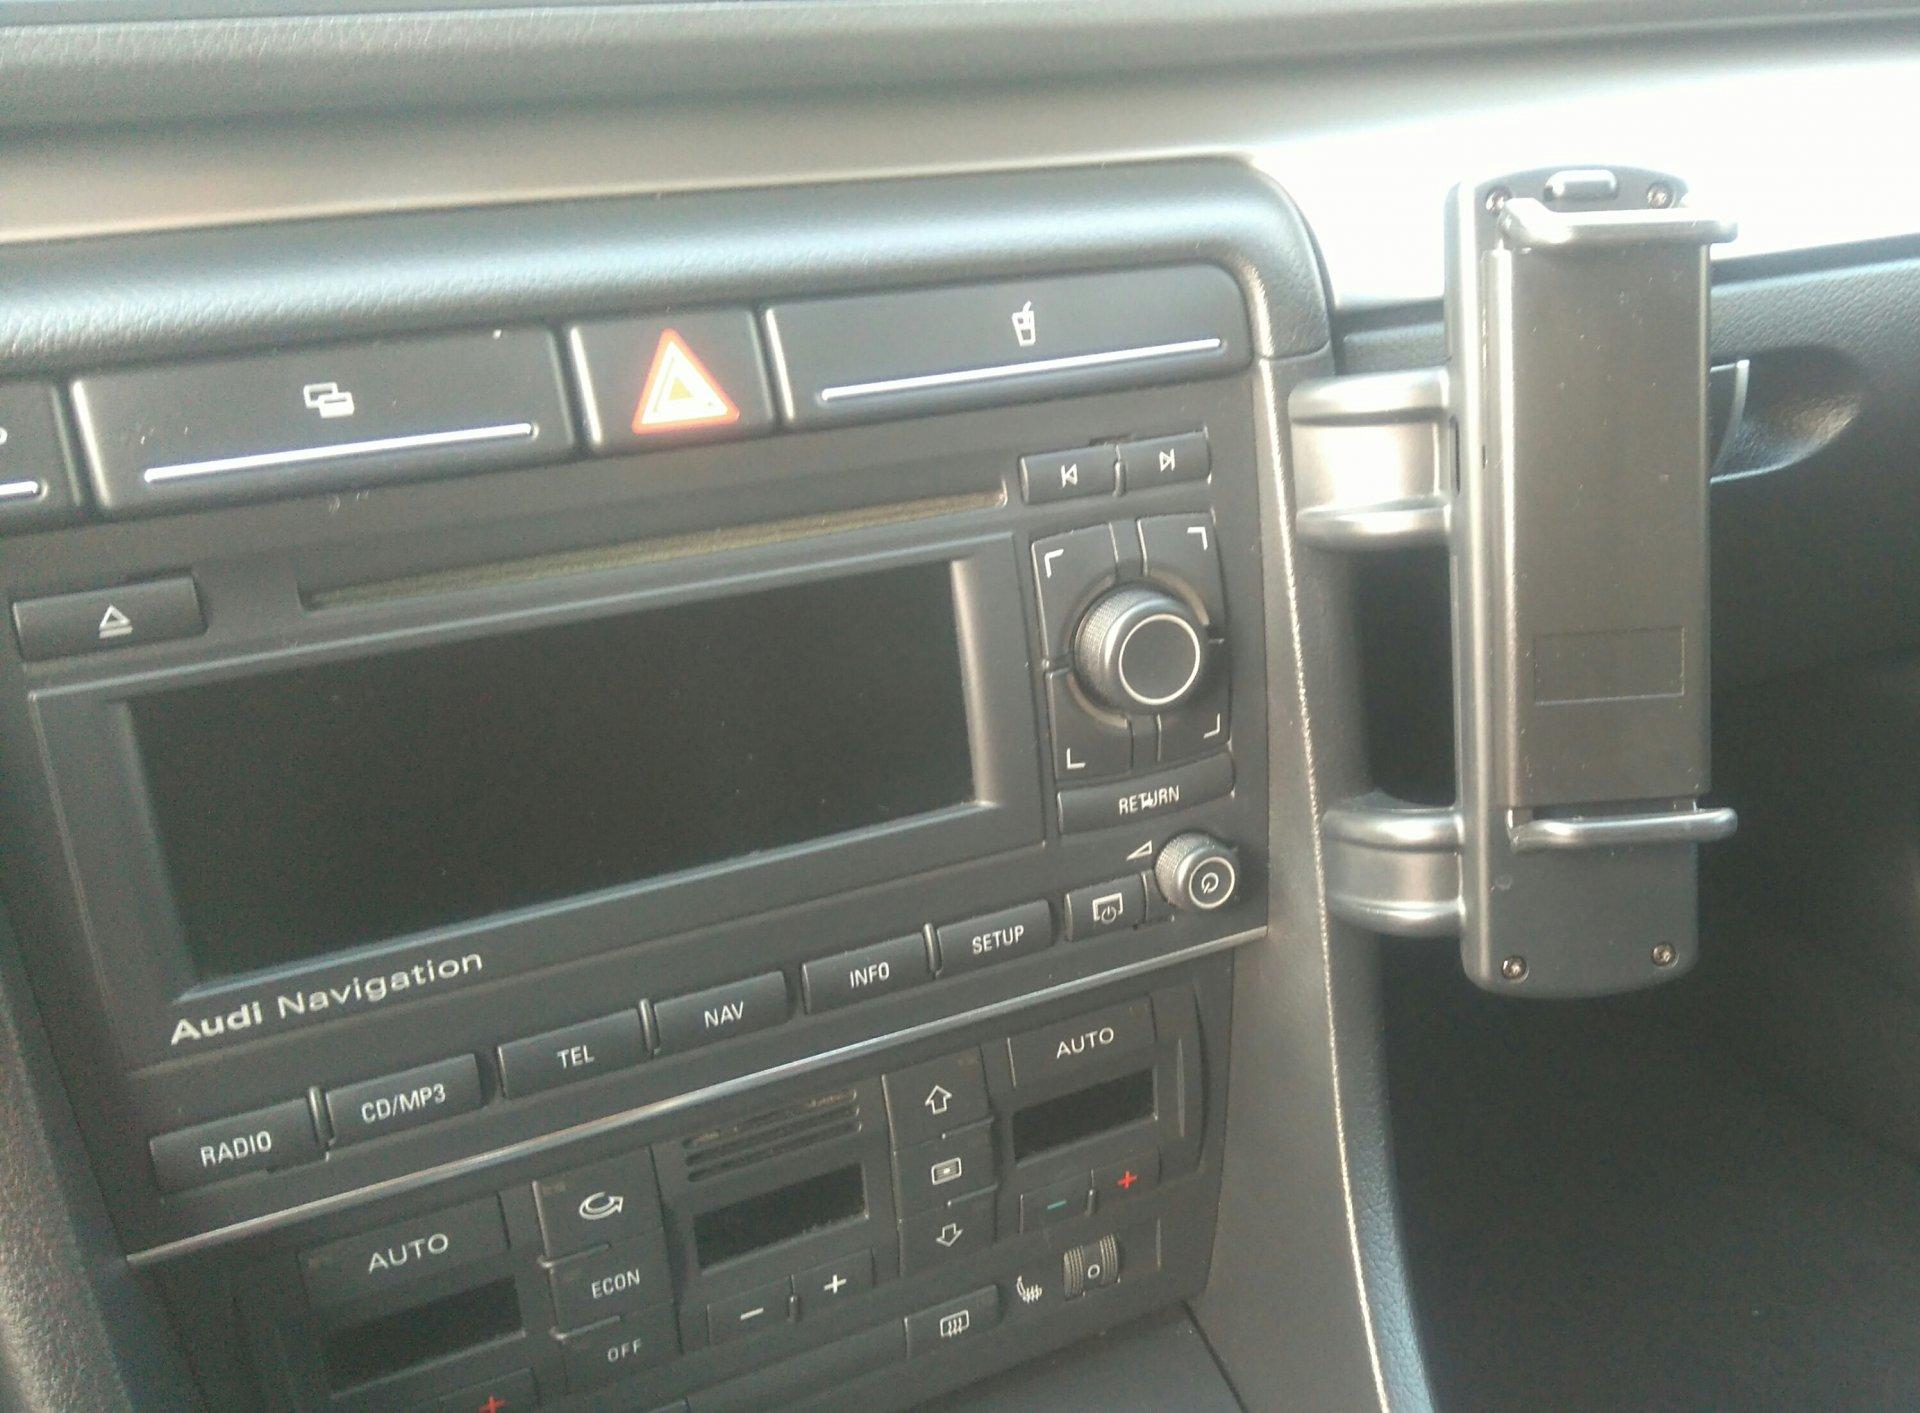 Niestandardowy Uchwyt Do Telefonu A4 B6b7 Audi A4 Klub Polska